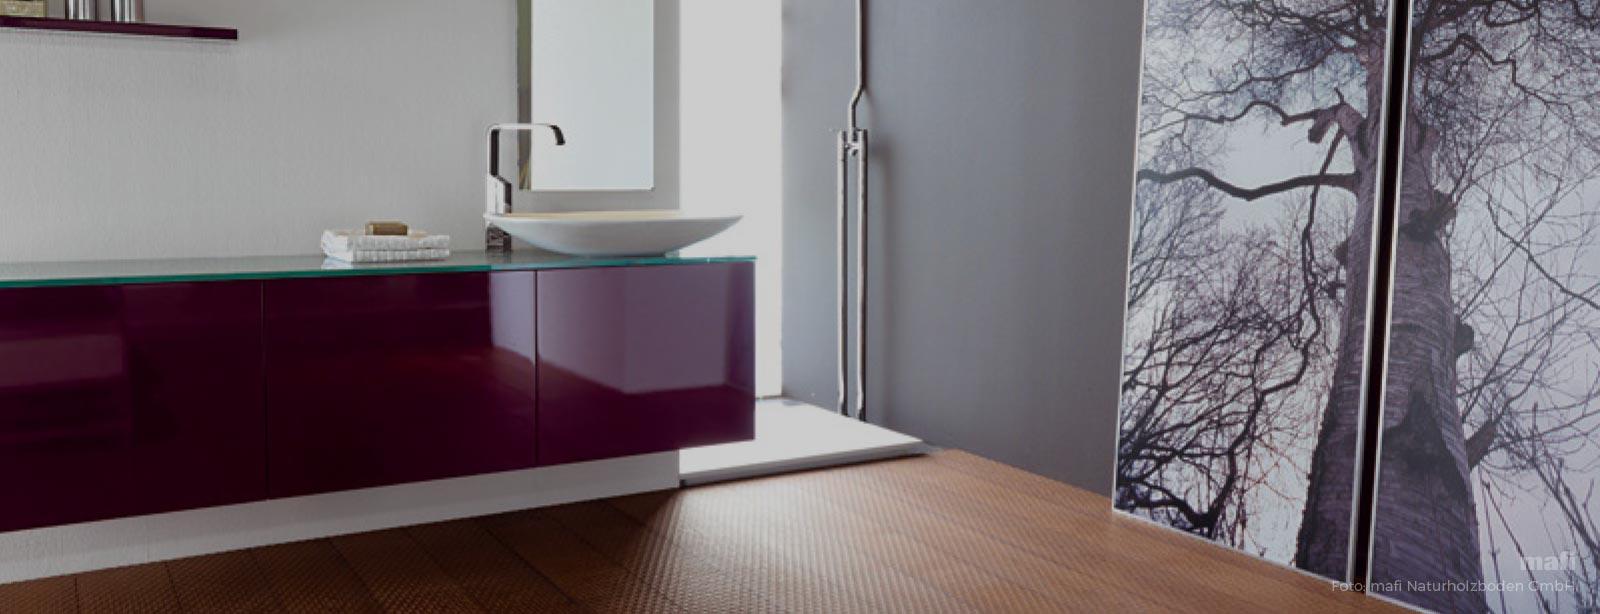 bad sauna holz vogel. Black Bedroom Furniture Sets. Home Design Ideas